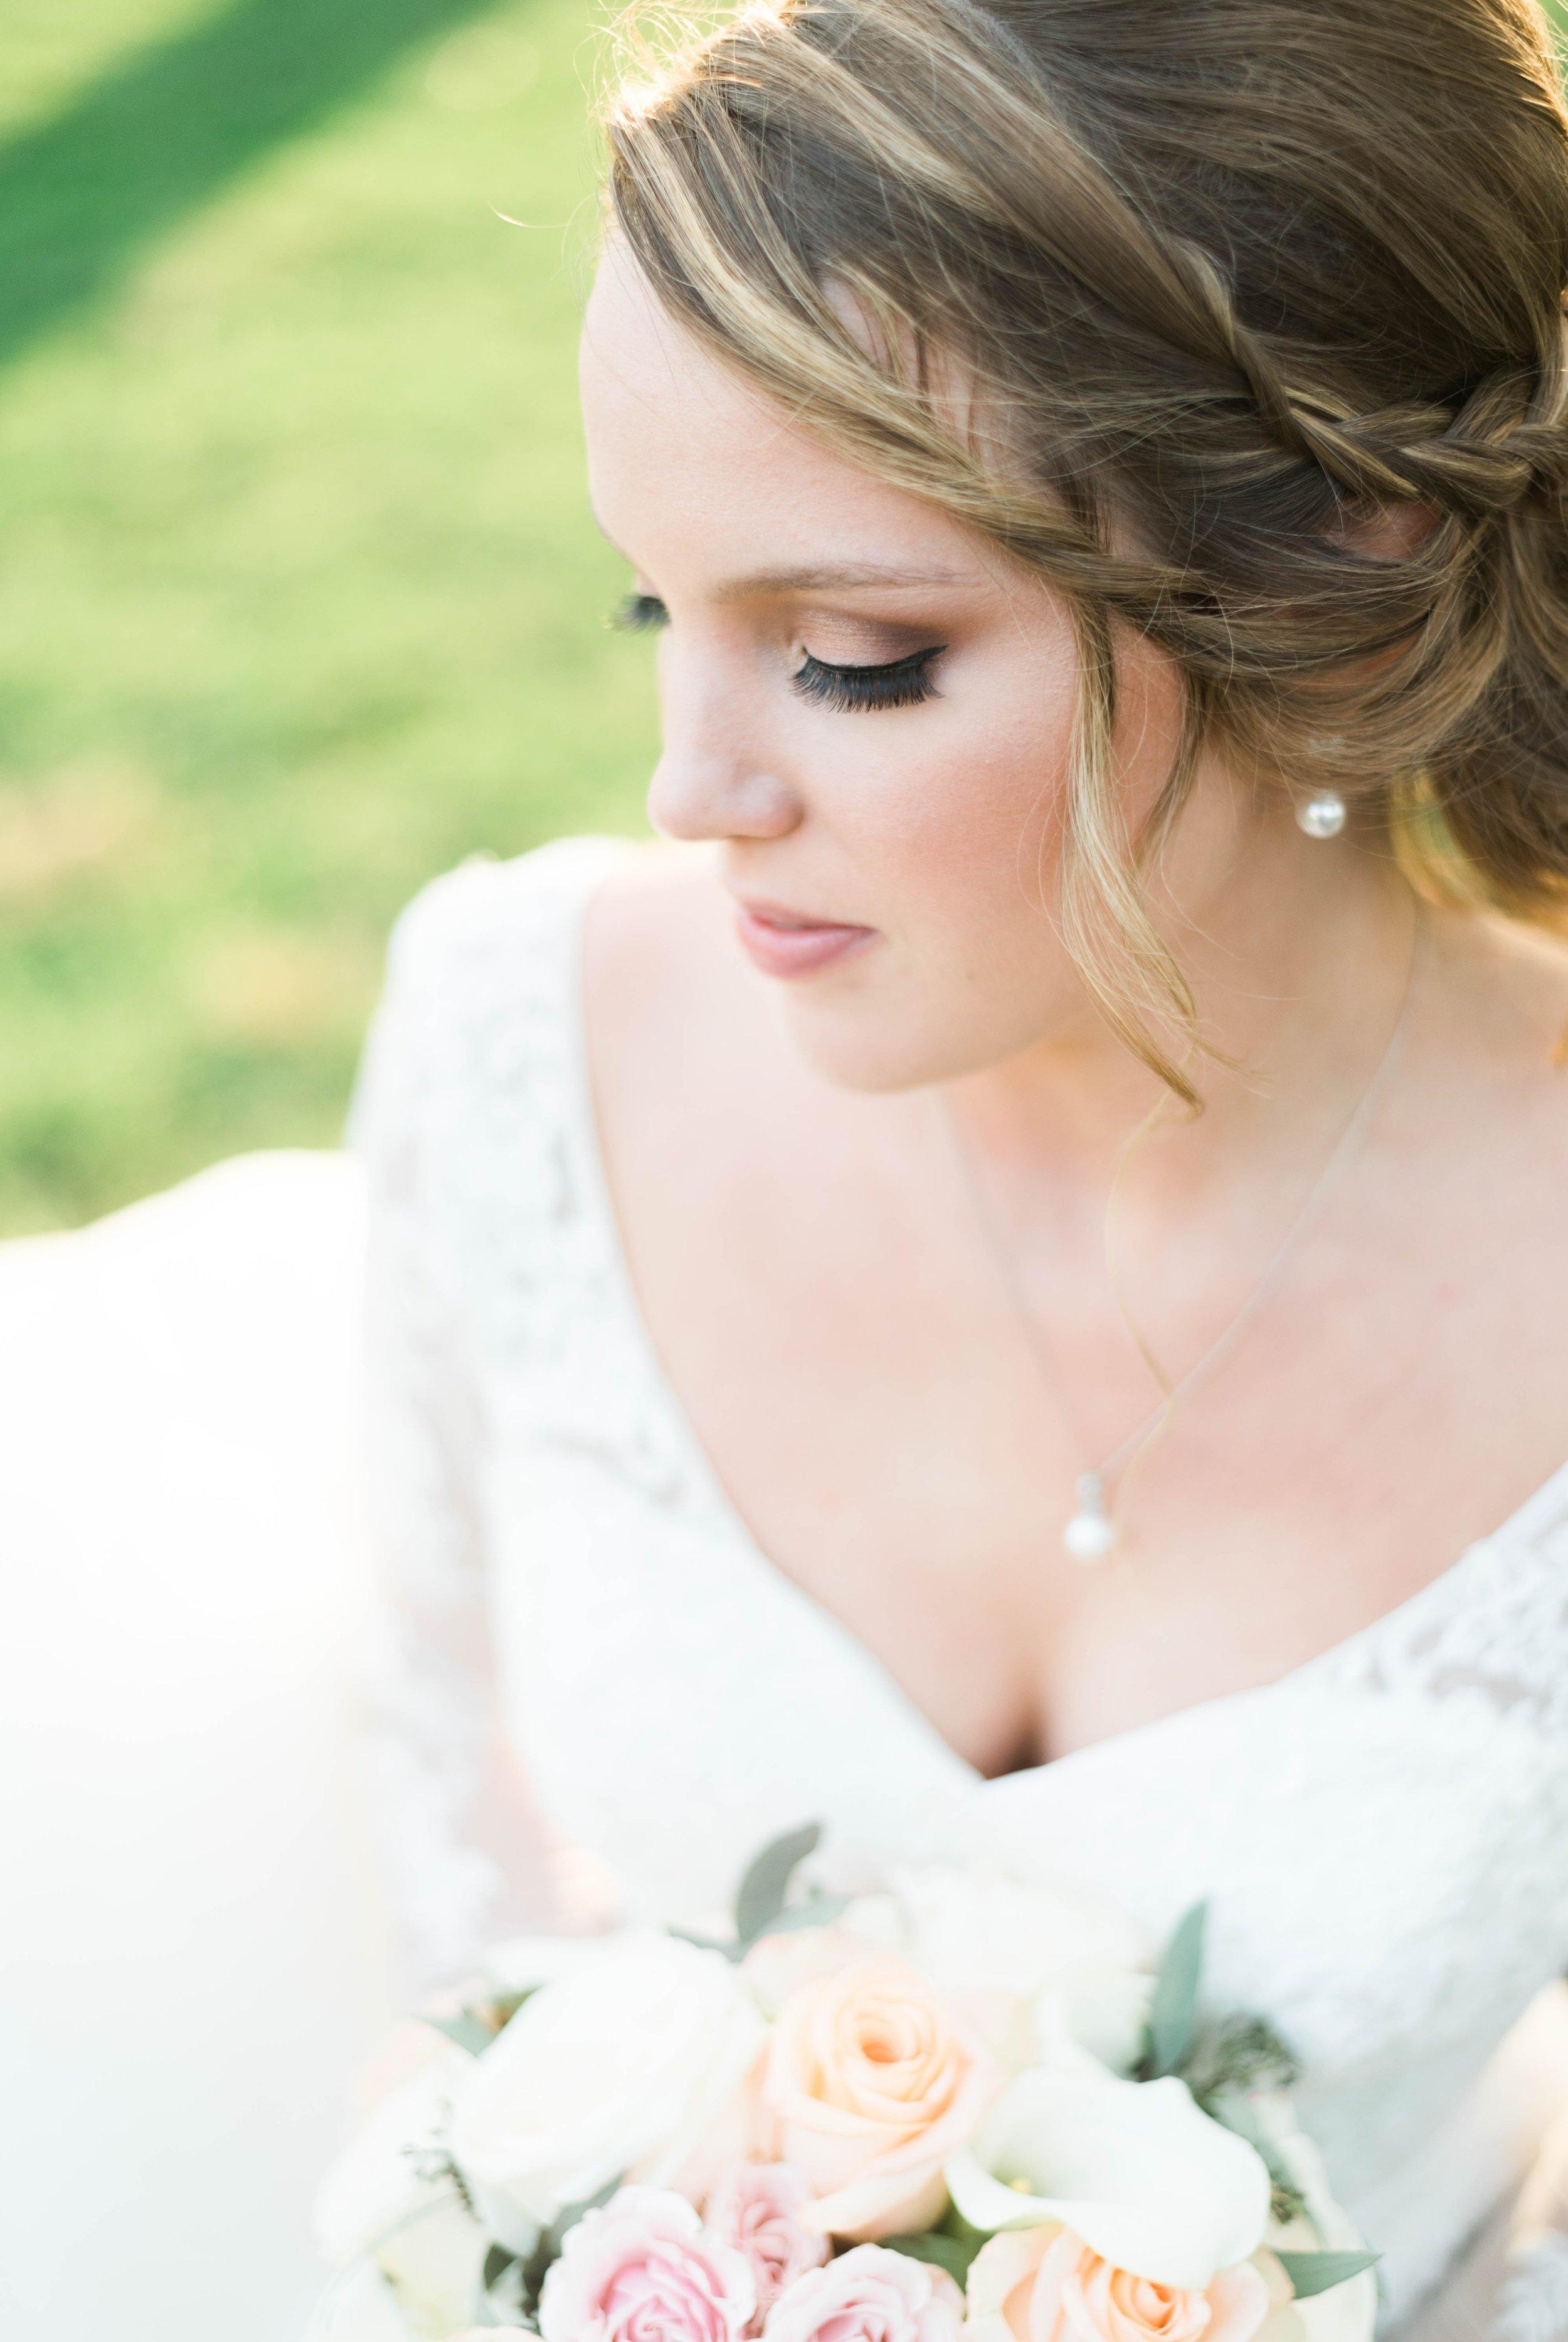 GrantElizabeth_wineryatbullrun_DCwedding_Virginiaweddingphotographer 33.jpg